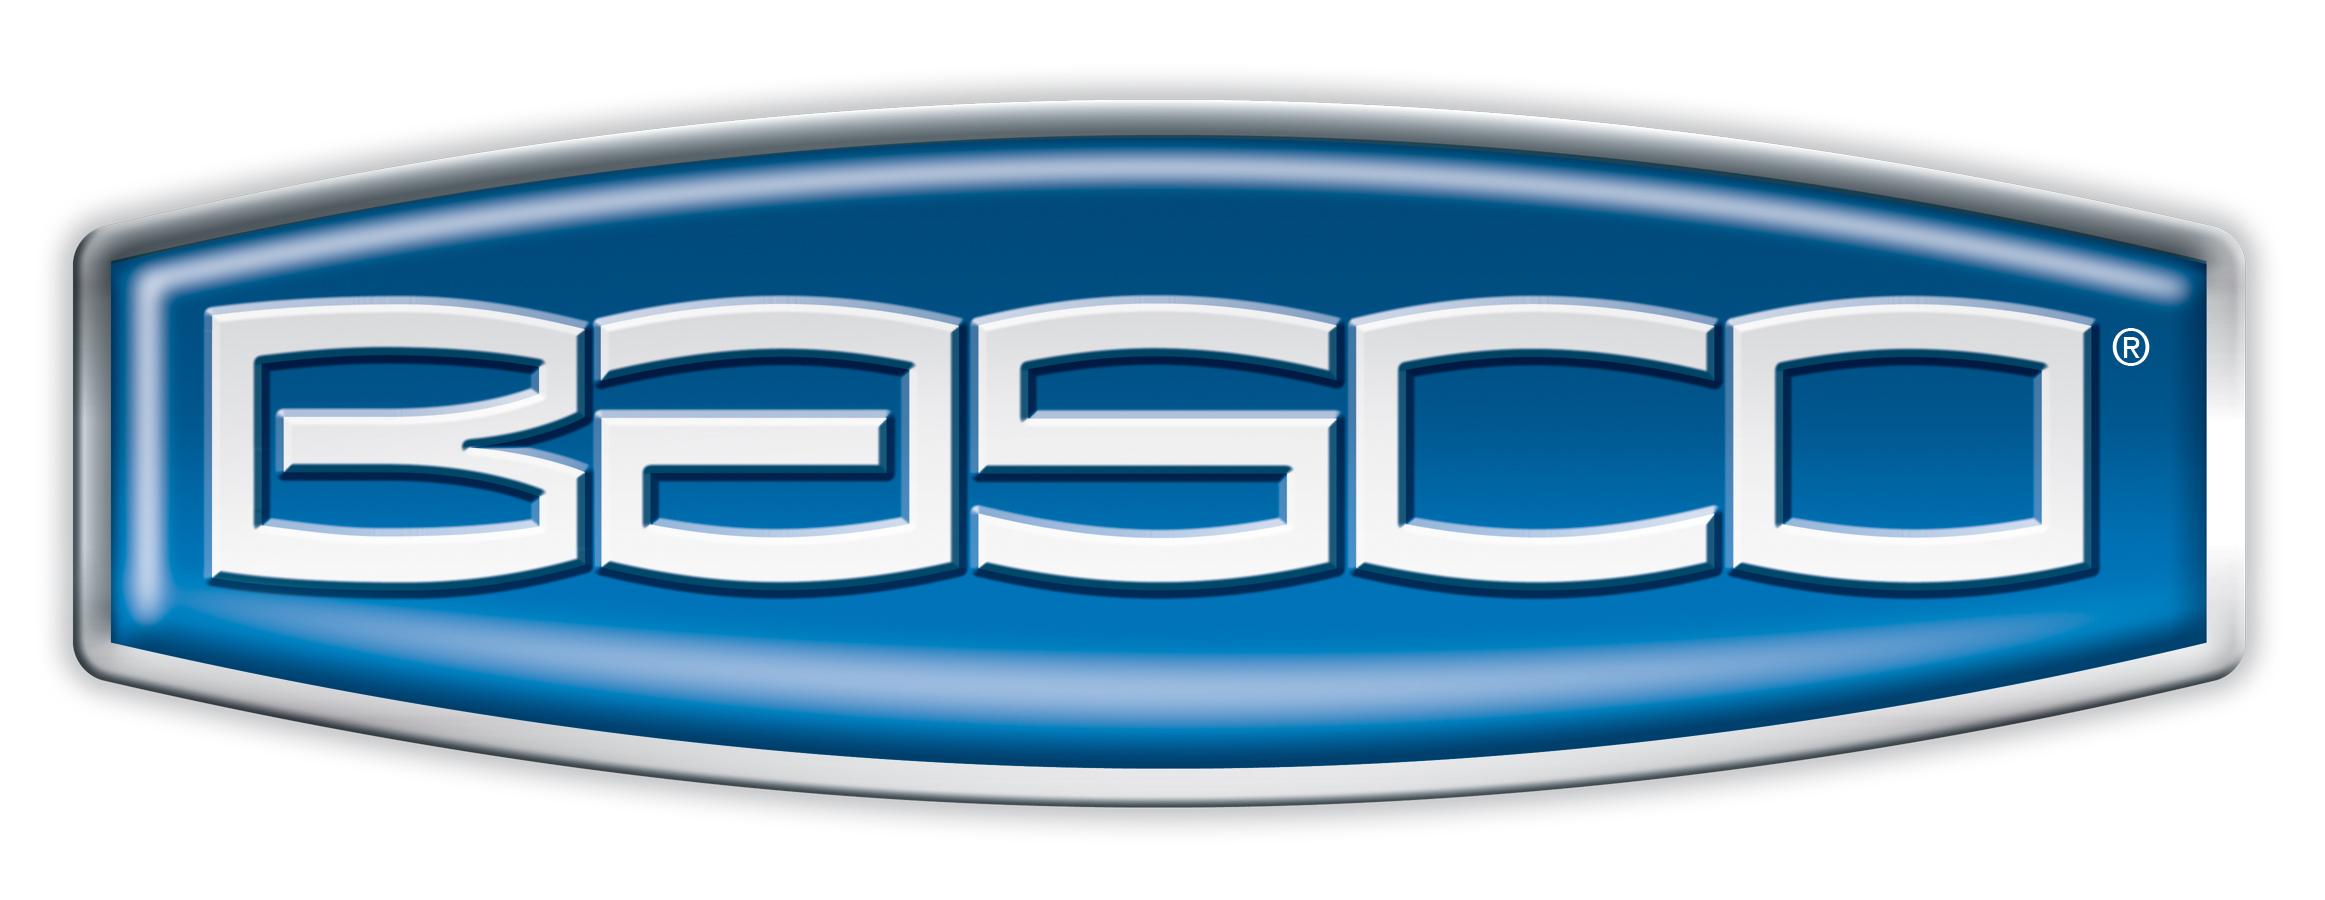 Bas Logo Corp